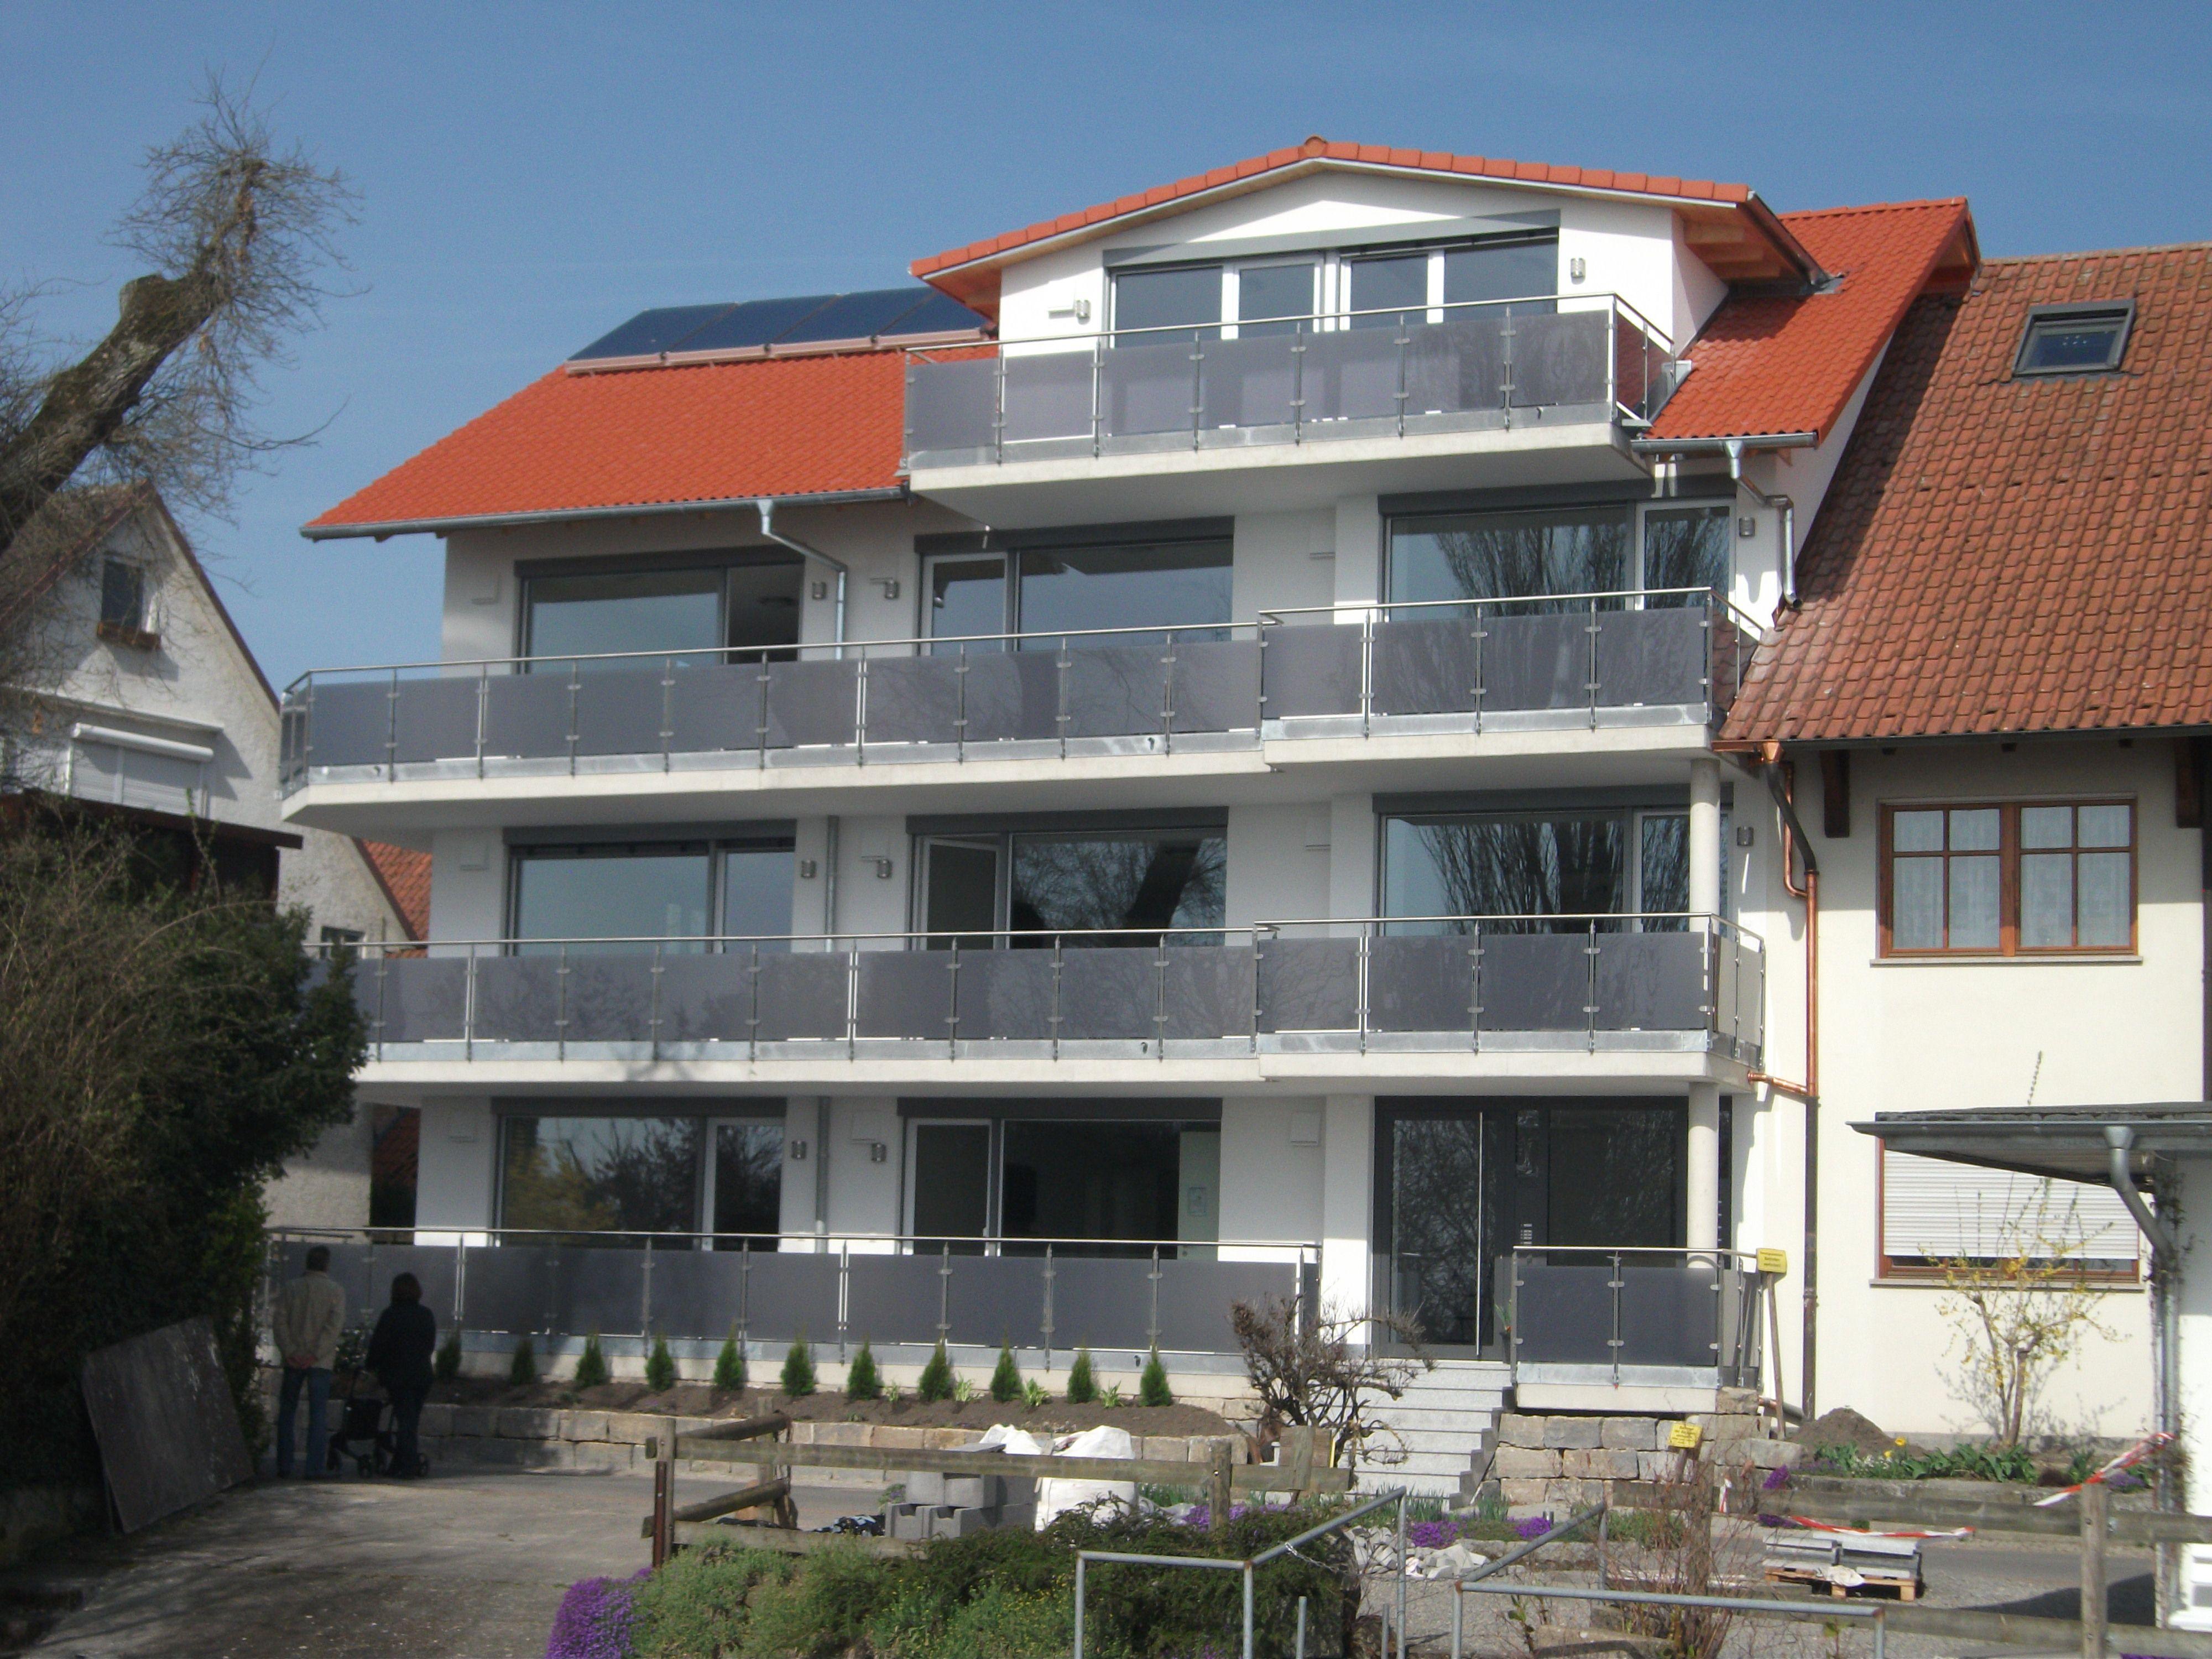 Gästehaus Dickreiter, (Immenstaad am Bodensee Ferienwohnung